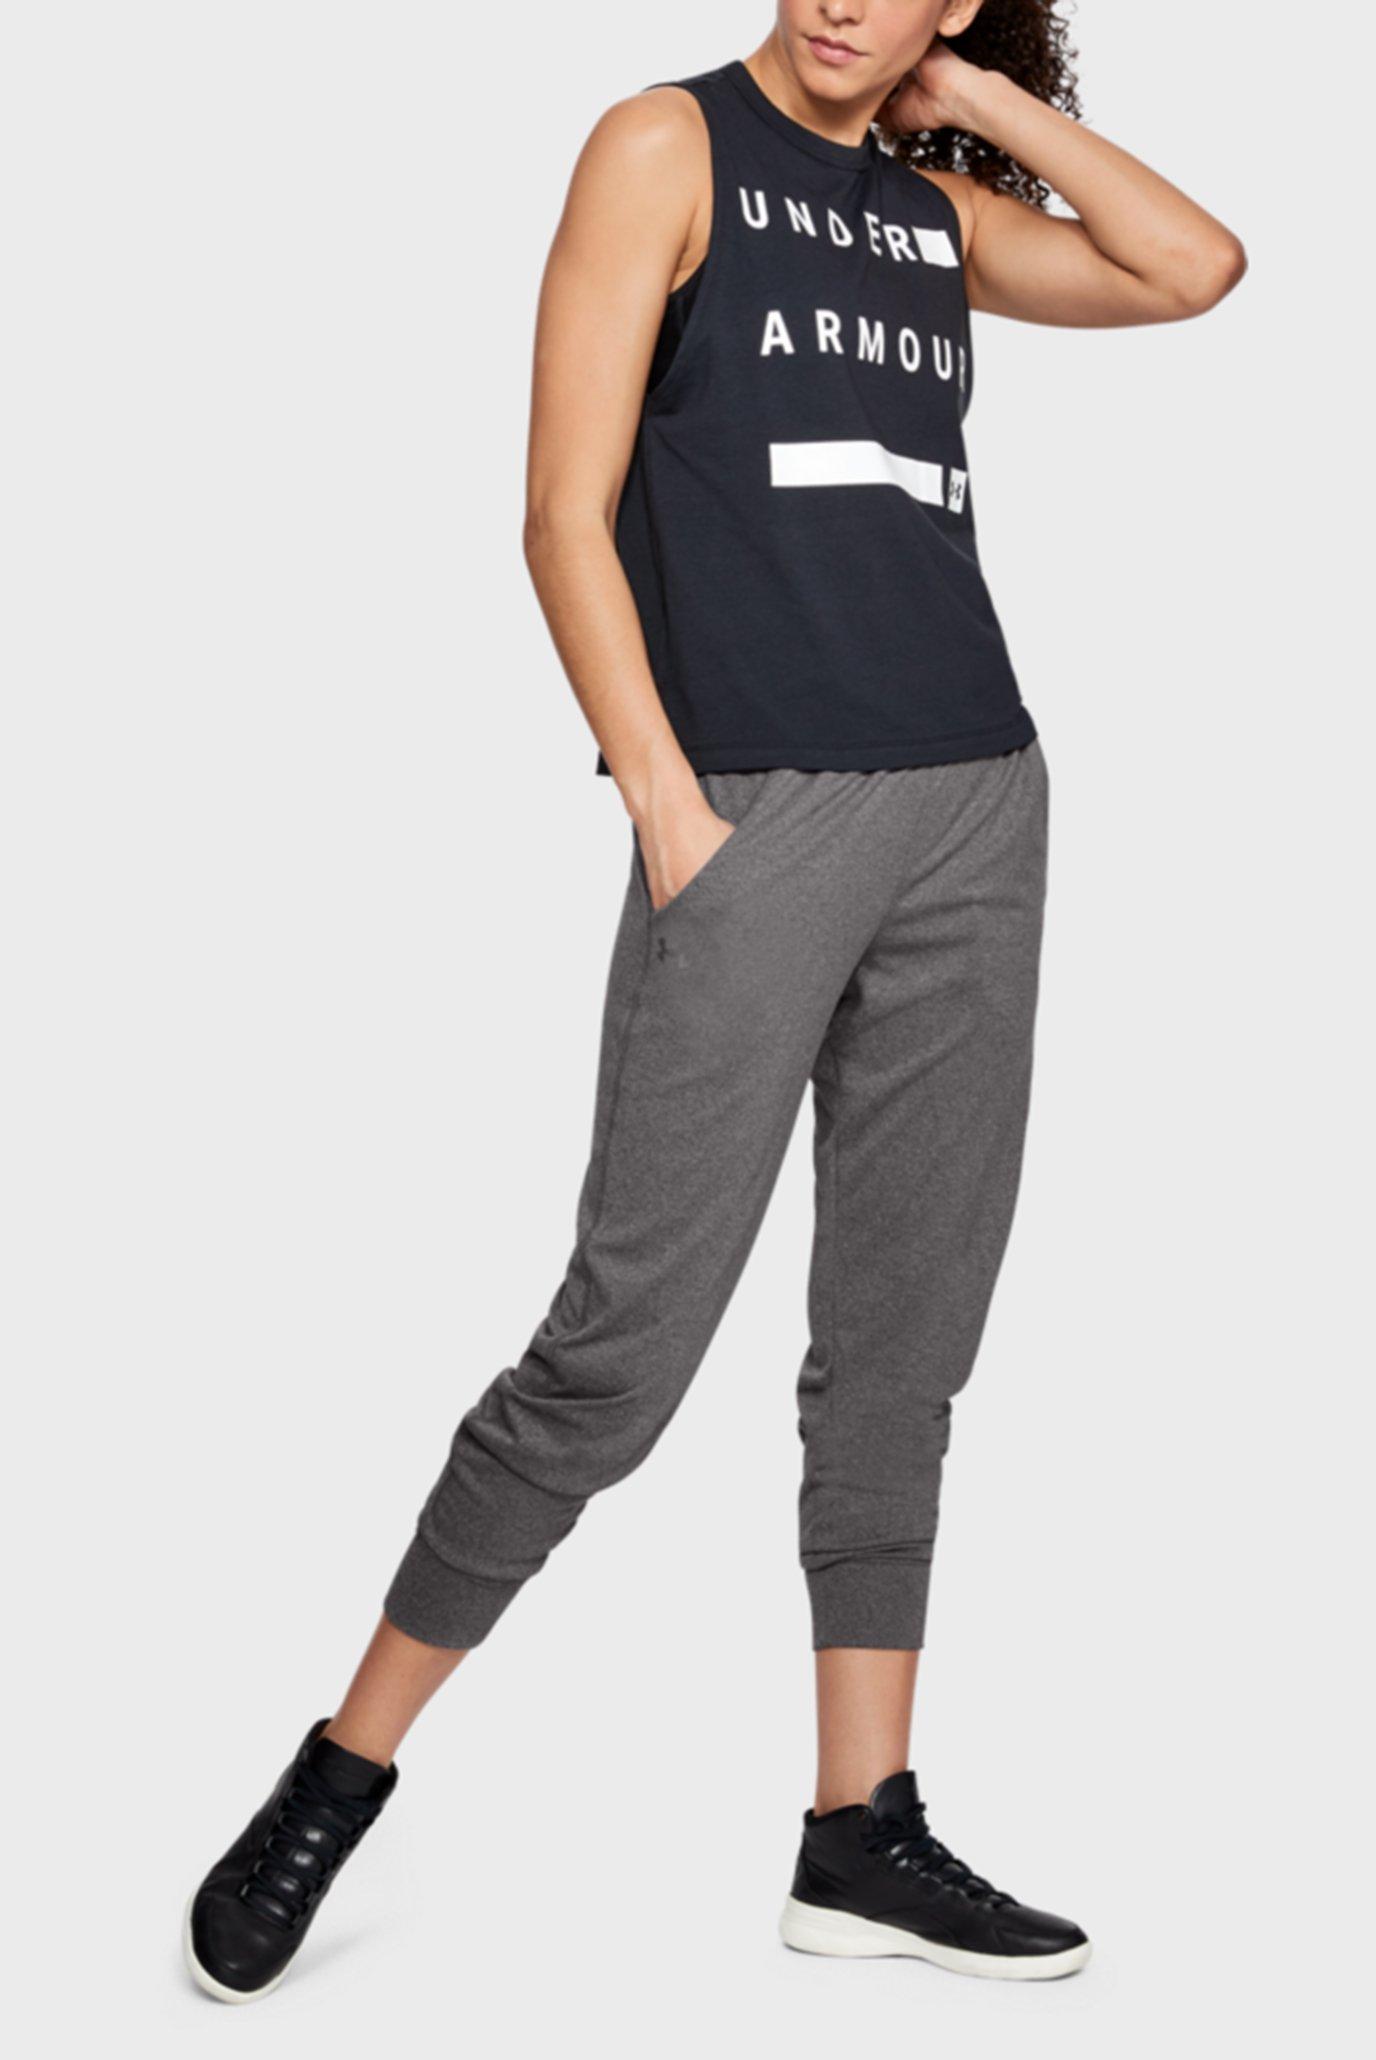 Купить Женские серые спортивные брюки Play Up Pant - Solid Under Armour Under Armour 1311332-090 – Киев, Украина. Цены в интернет магазине MD Fashion